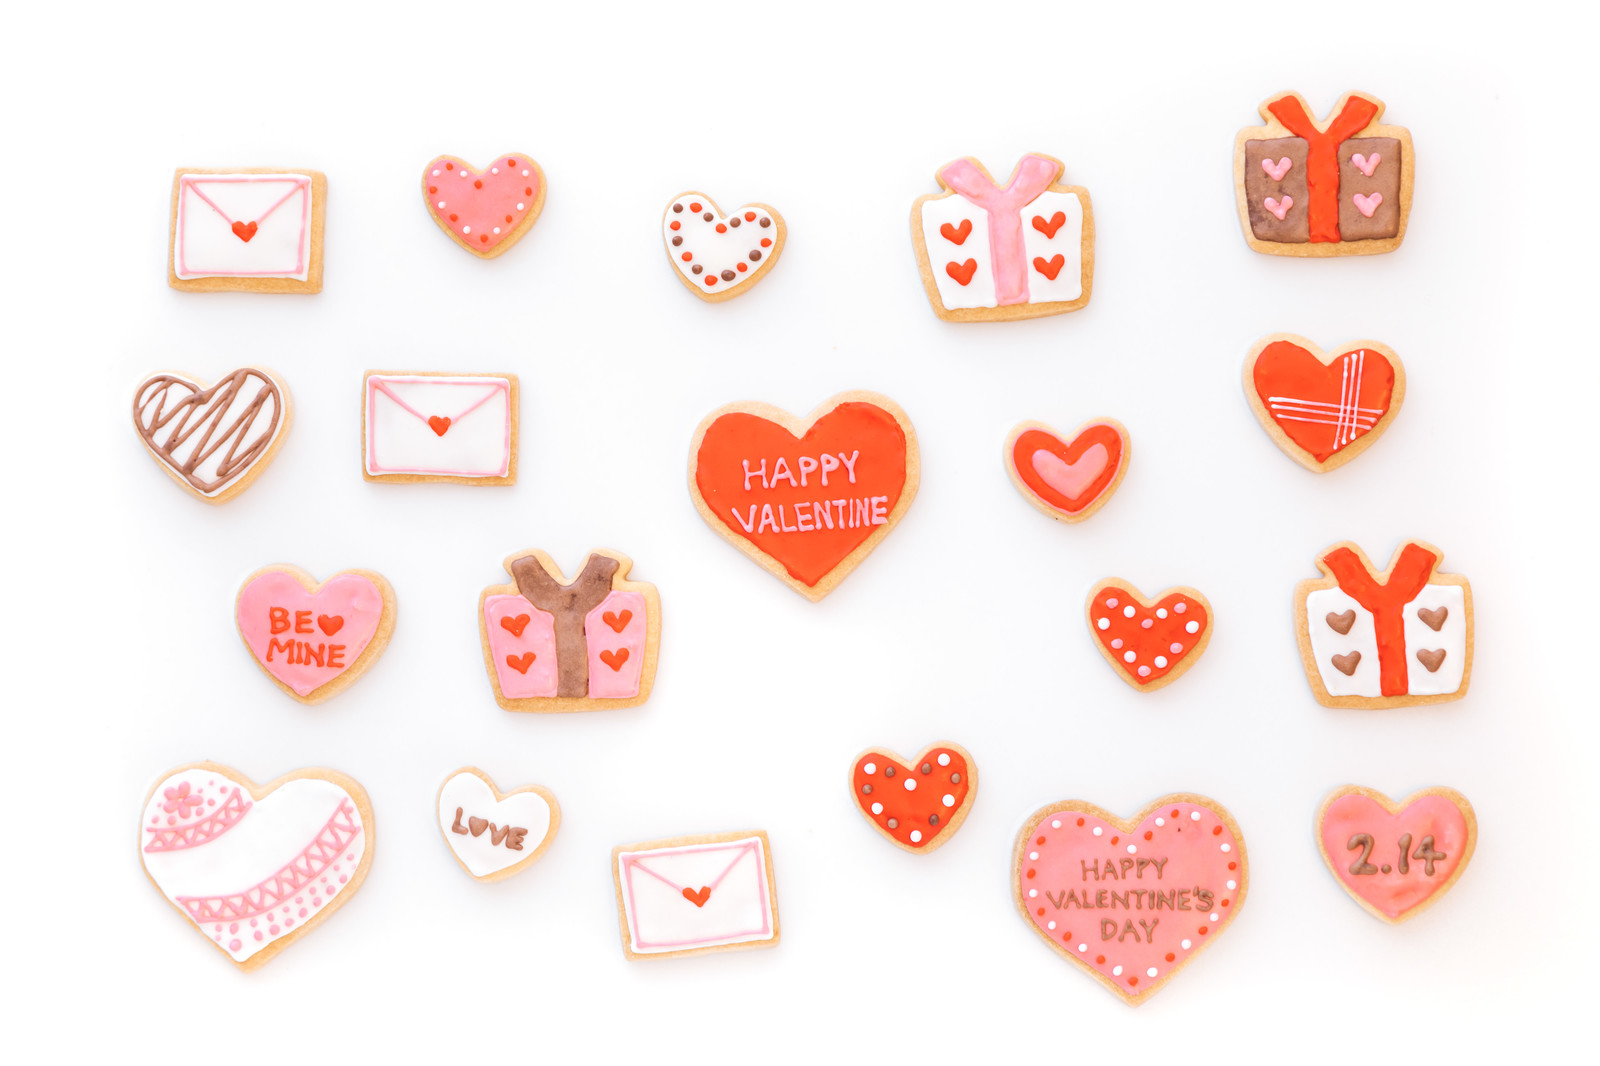 「アイシングクッキー(バレンタイン)アイシングクッキー(バレンタイン)」のフリー写真素材を拡大